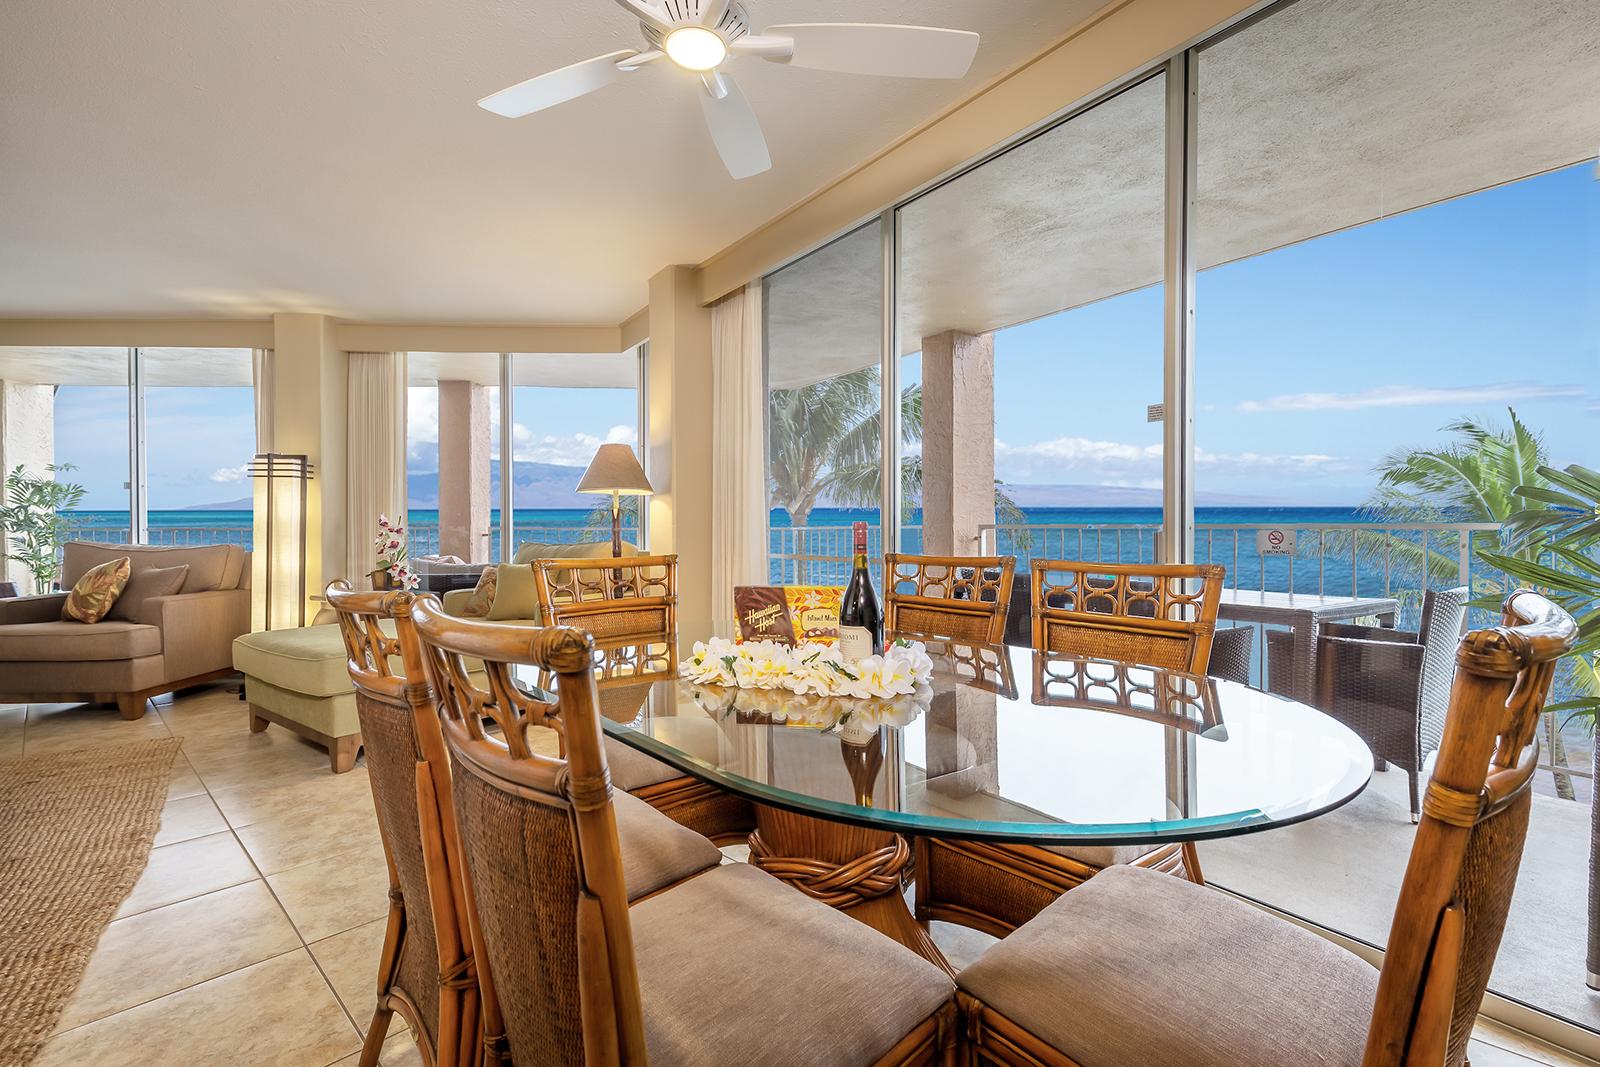 Royal-Kahana-Maui-Beach-Resort-Condos-RK510-2665-HDR.jpg